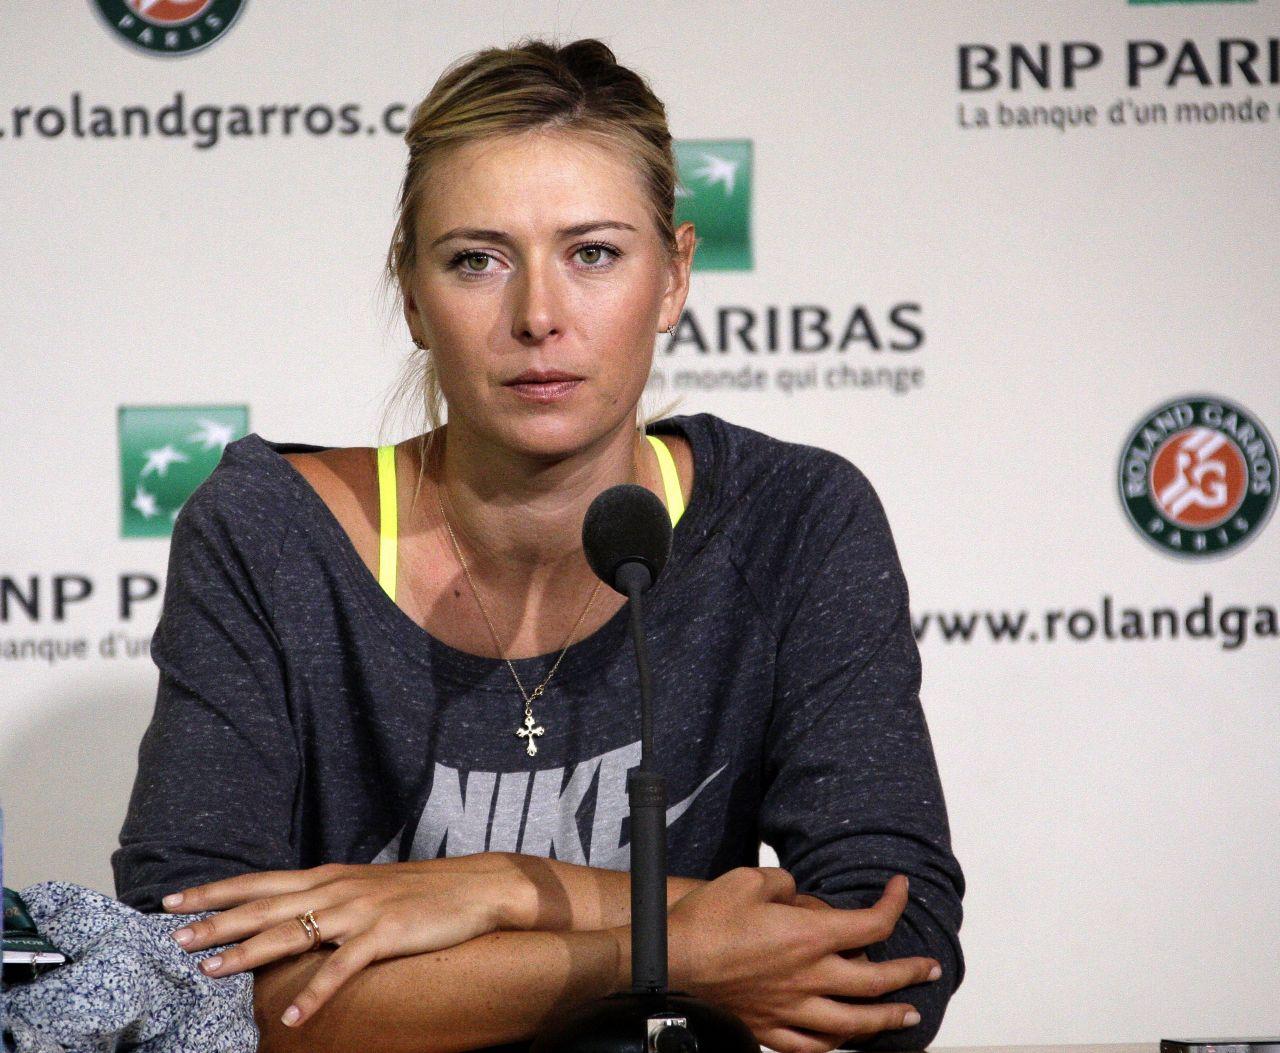 Мария Шарапова является лицом многих брендов, включая Nike